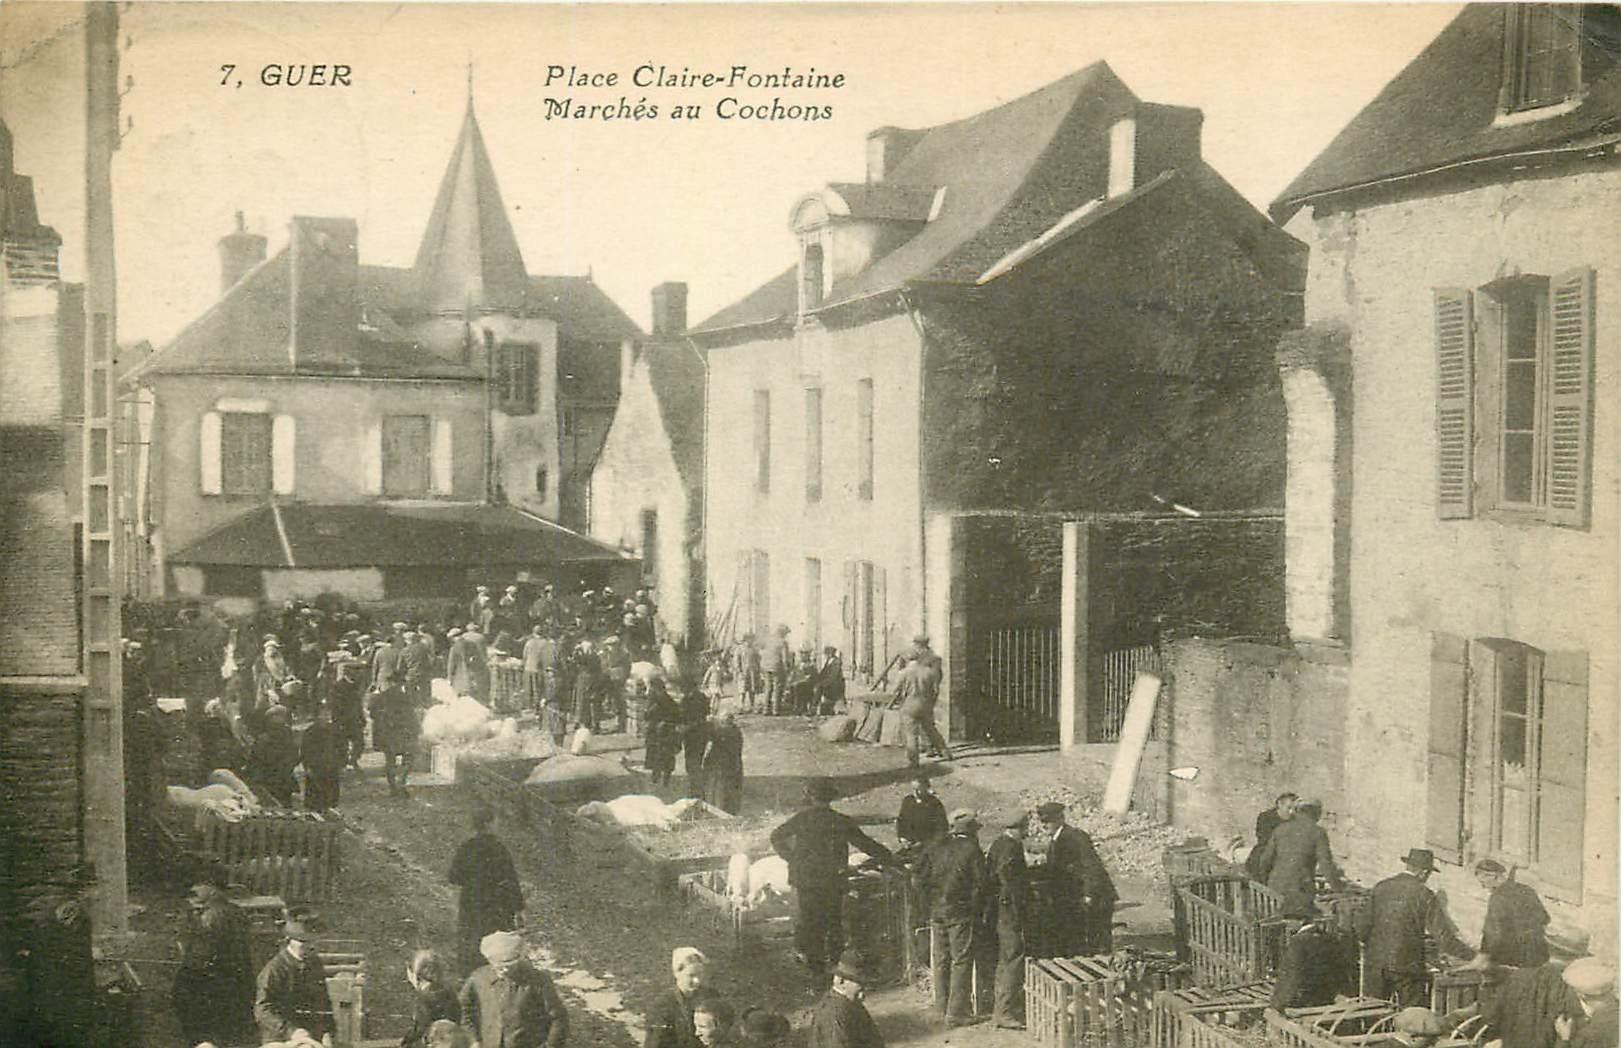 56 GUER. Marché aux Cochons Place Claire Fontaine 1932